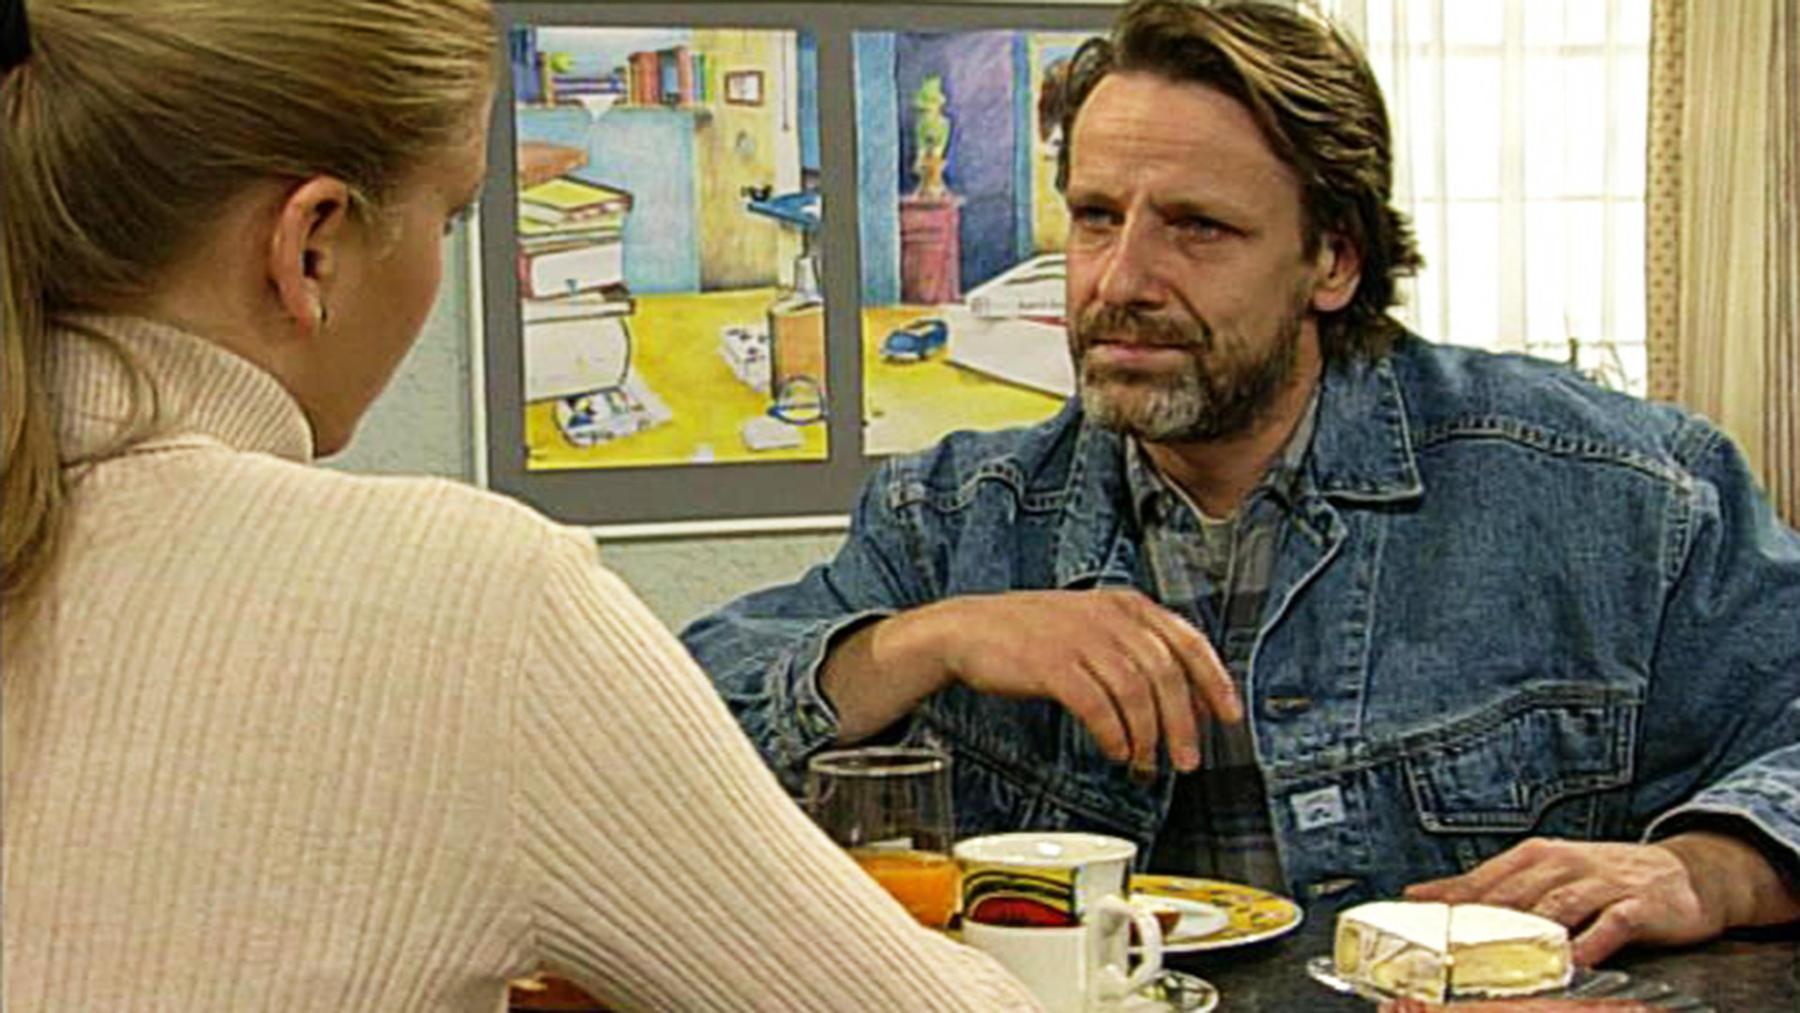 Thomas erfährt, dass Corinna mit Mike im Bett war.